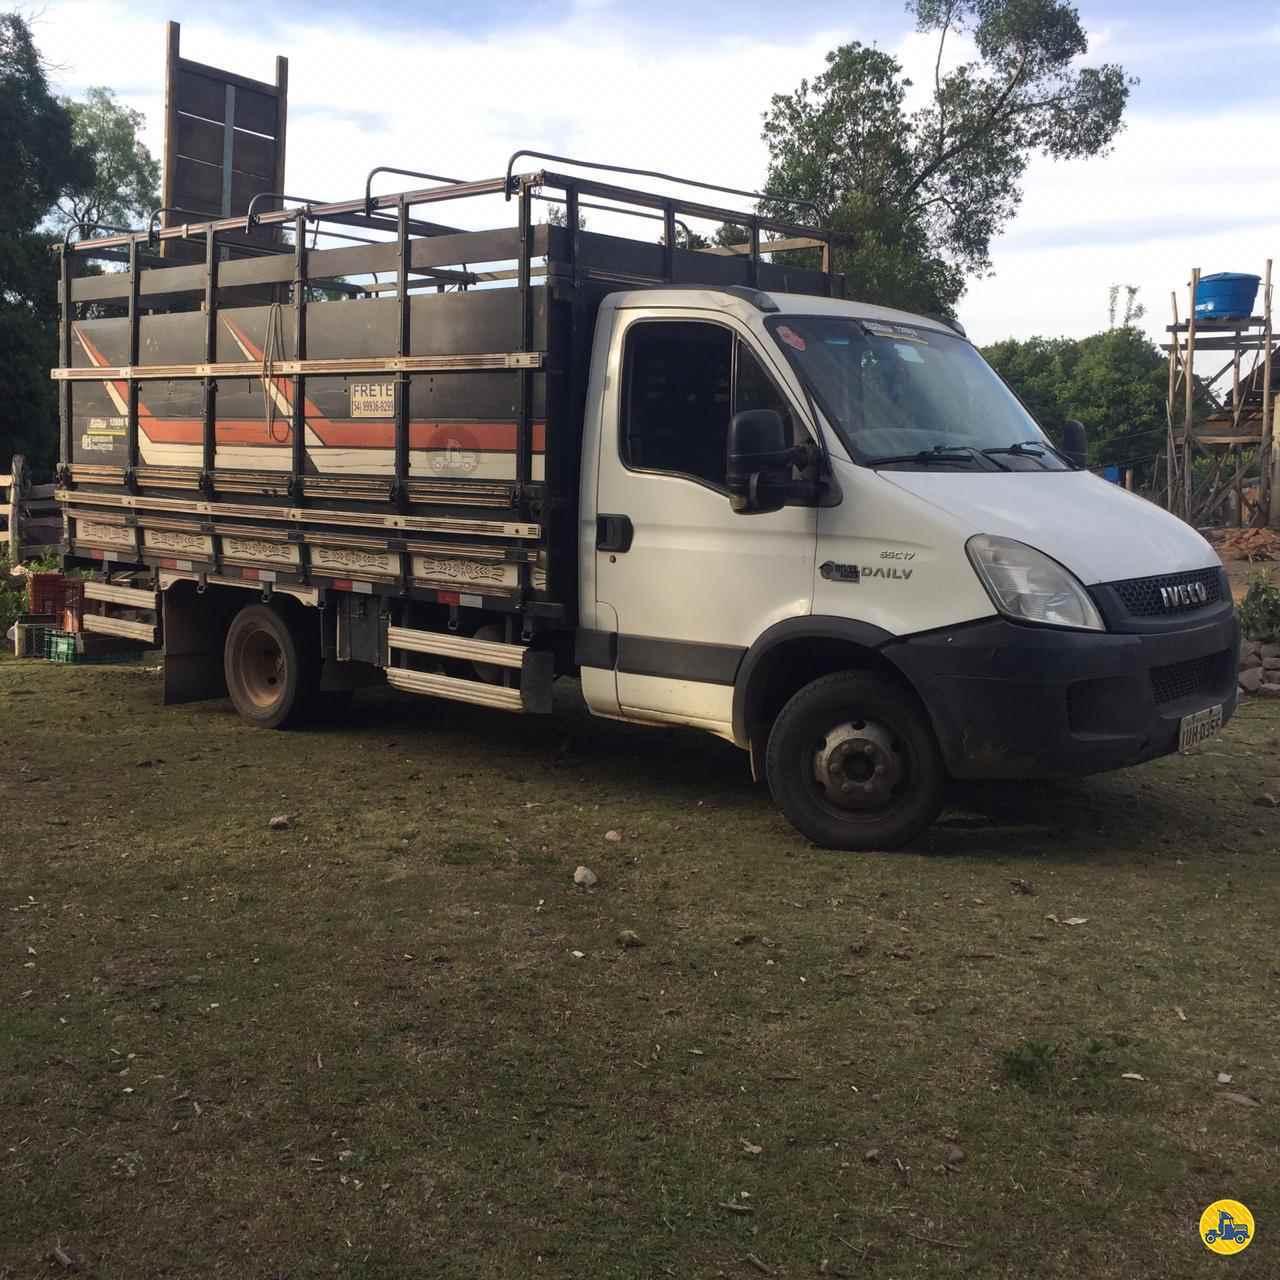 CAMINHAO IVECO DAILY 55c17 Boiadeiro 3/4 4x2 Zanon Caminhões e Implementos PASSO FUNDO RIO GRANDE DO SUL RS